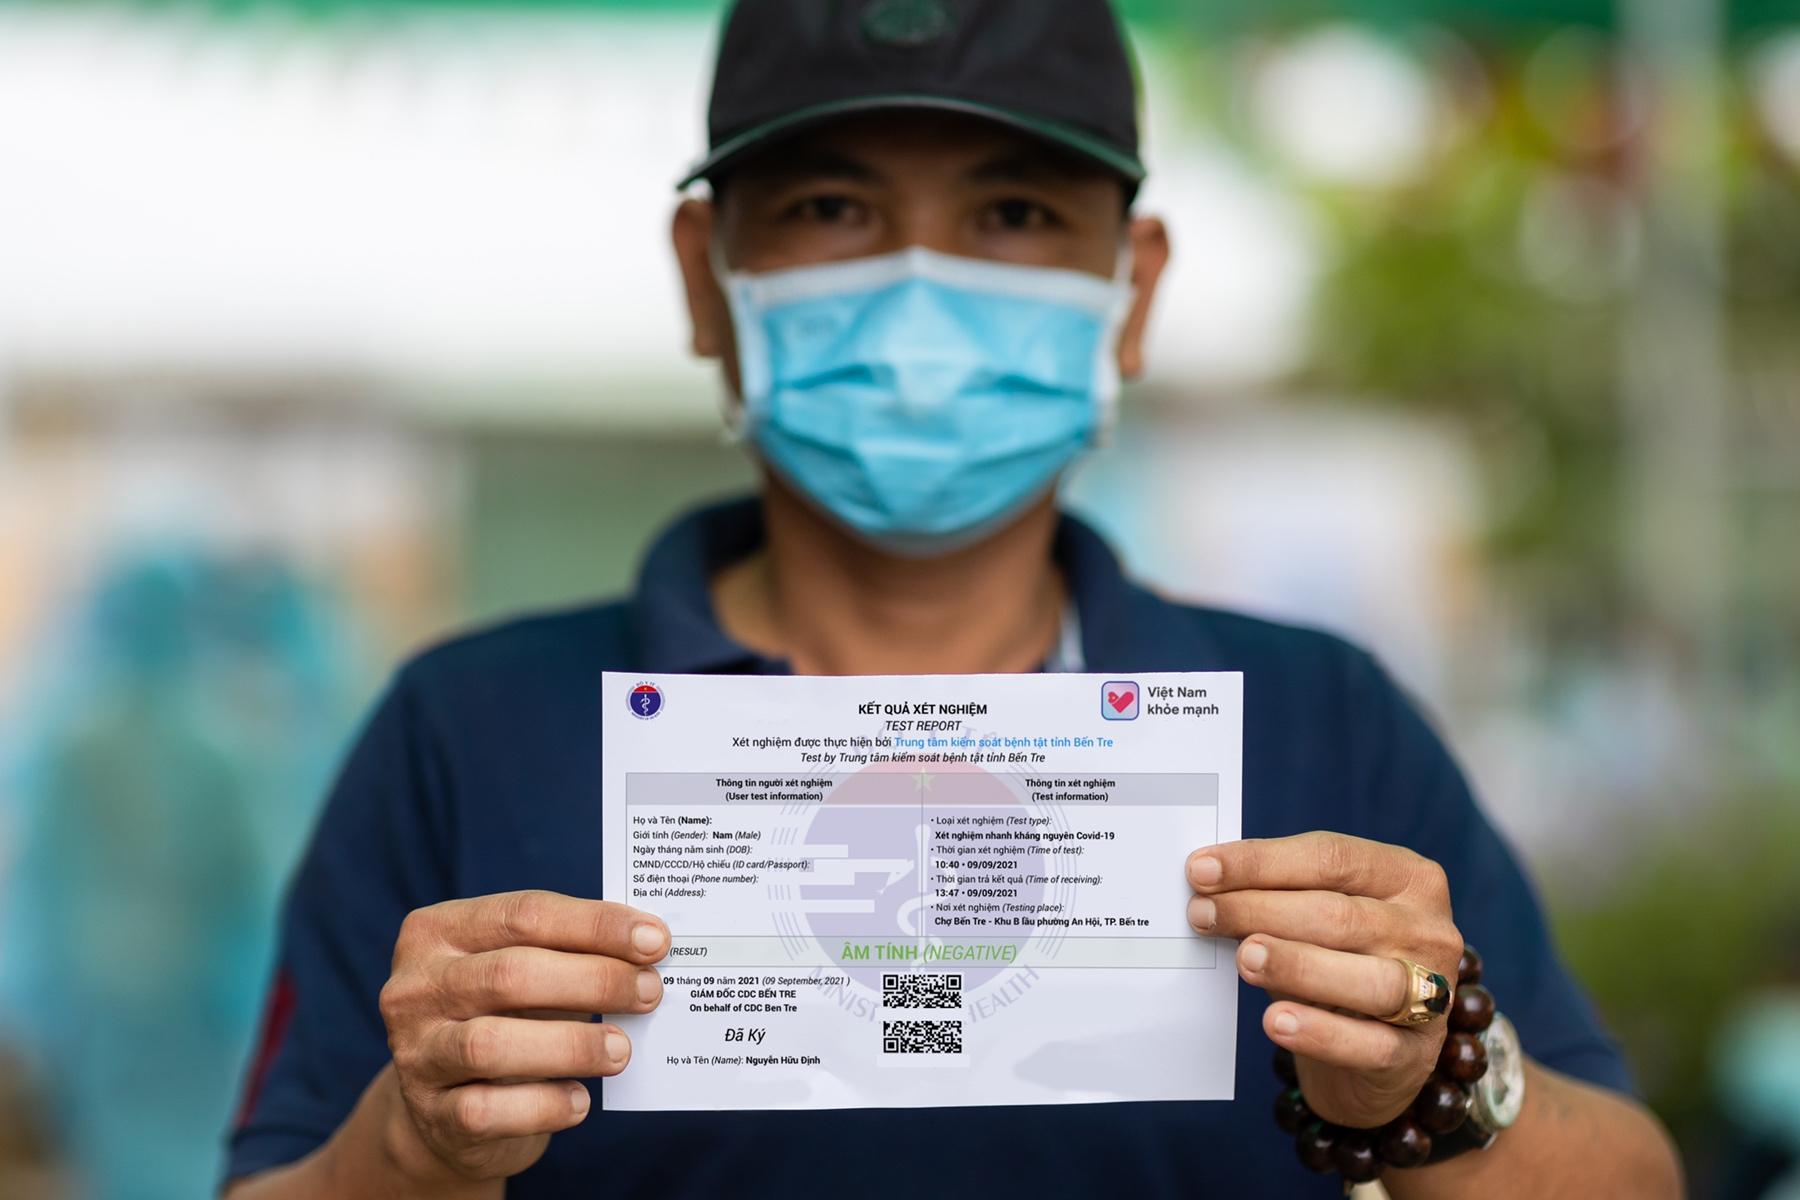 Một người dân hoàn thành xét nghiệm và nhận được kết quả xét nghiệm có QR code. Ảnh: Tài Nguyên